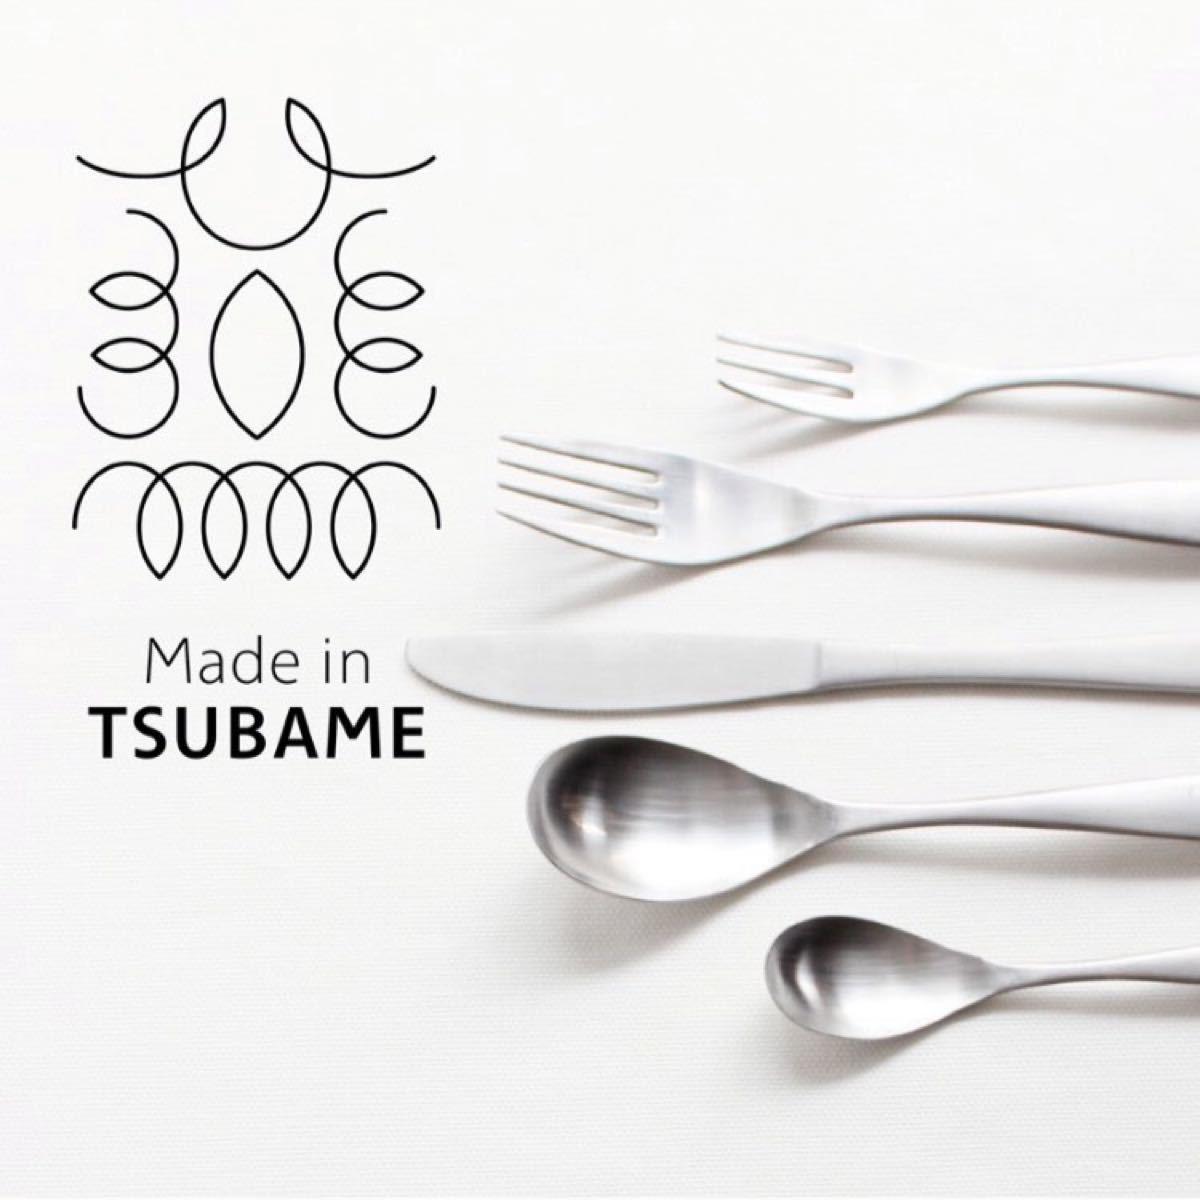 ツバメカトラリー おろし金&トング 2点セット 新品未使用 made in tsubame 燕